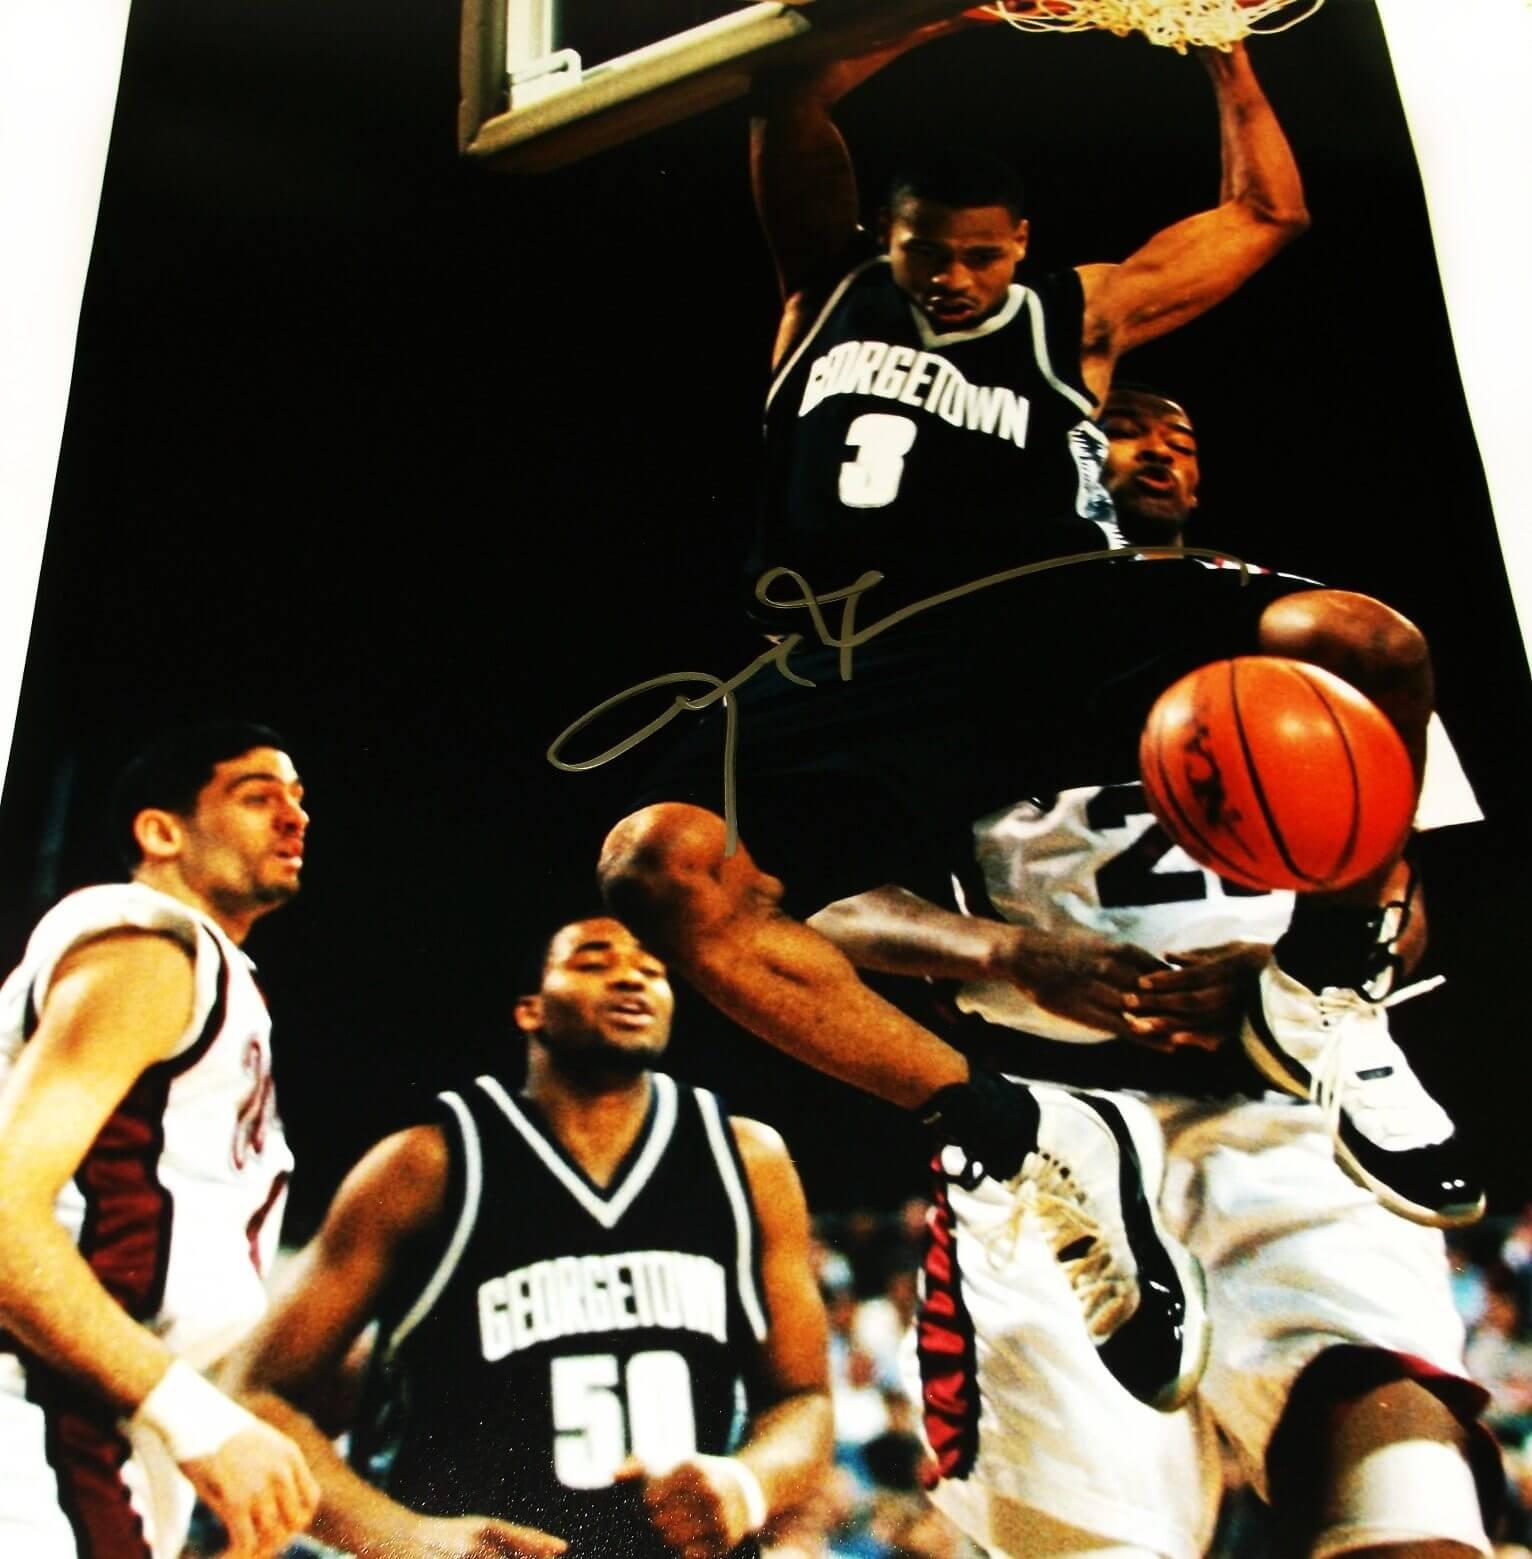 Allen Iverson Signed 16x20 Georgetown Photo